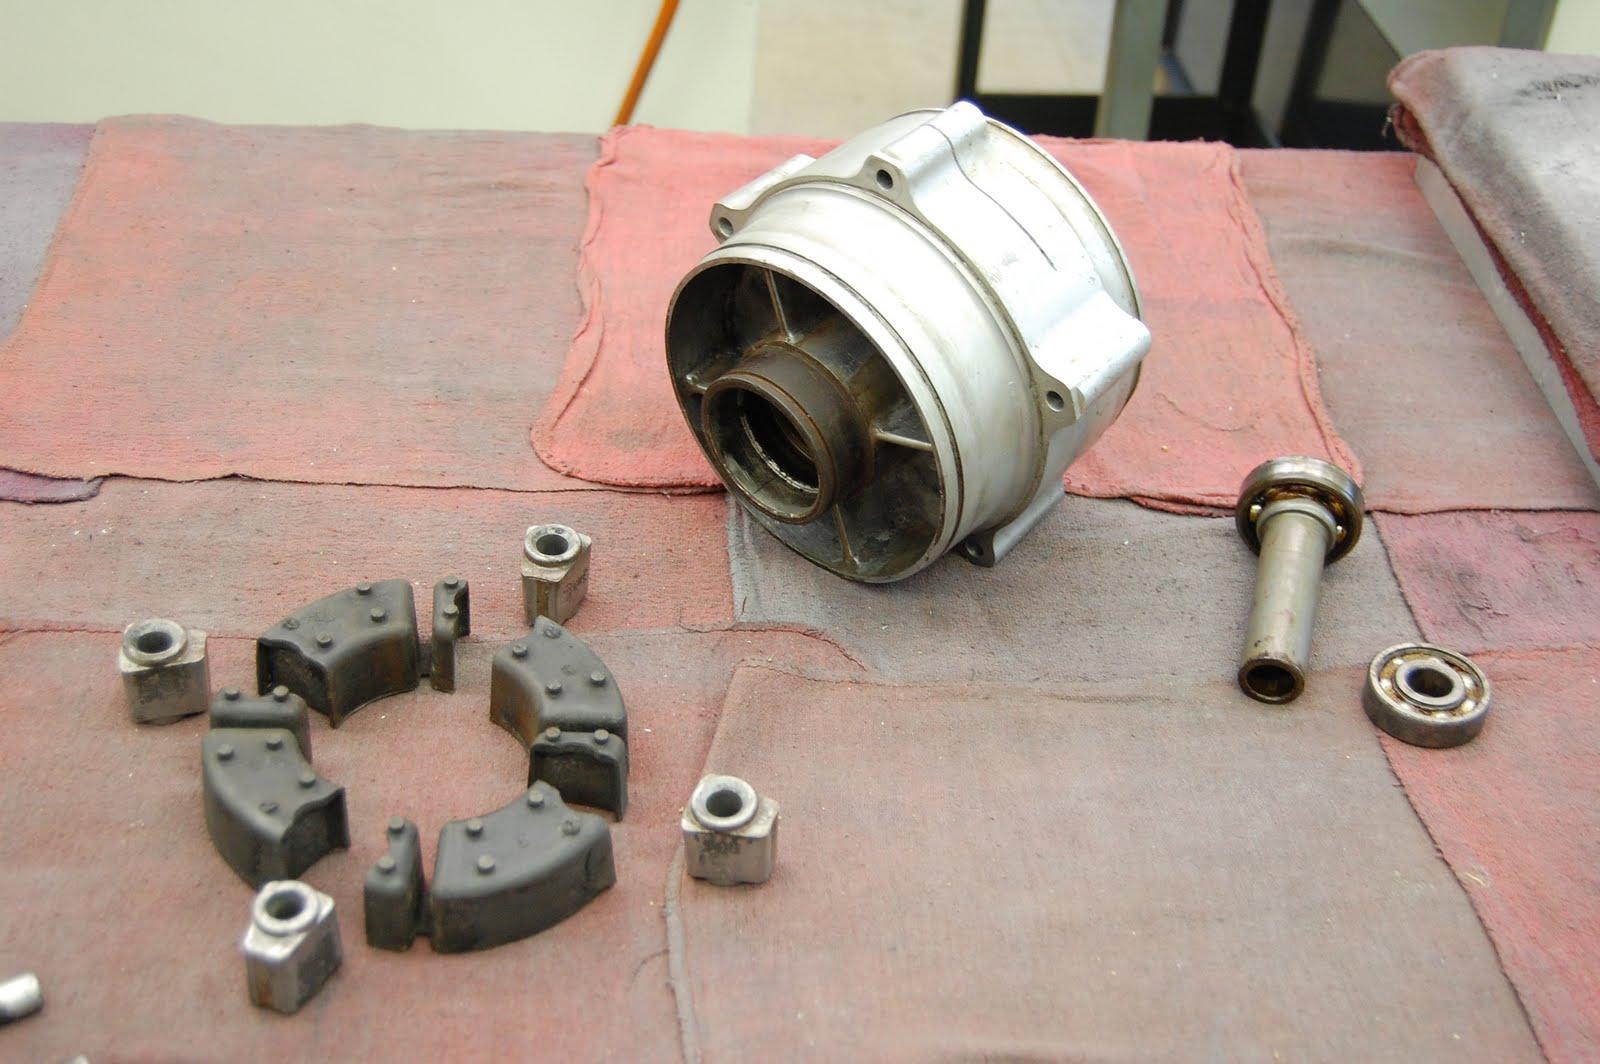 Motor Drive Adapter Complete 1965 Volkswagen Beetle